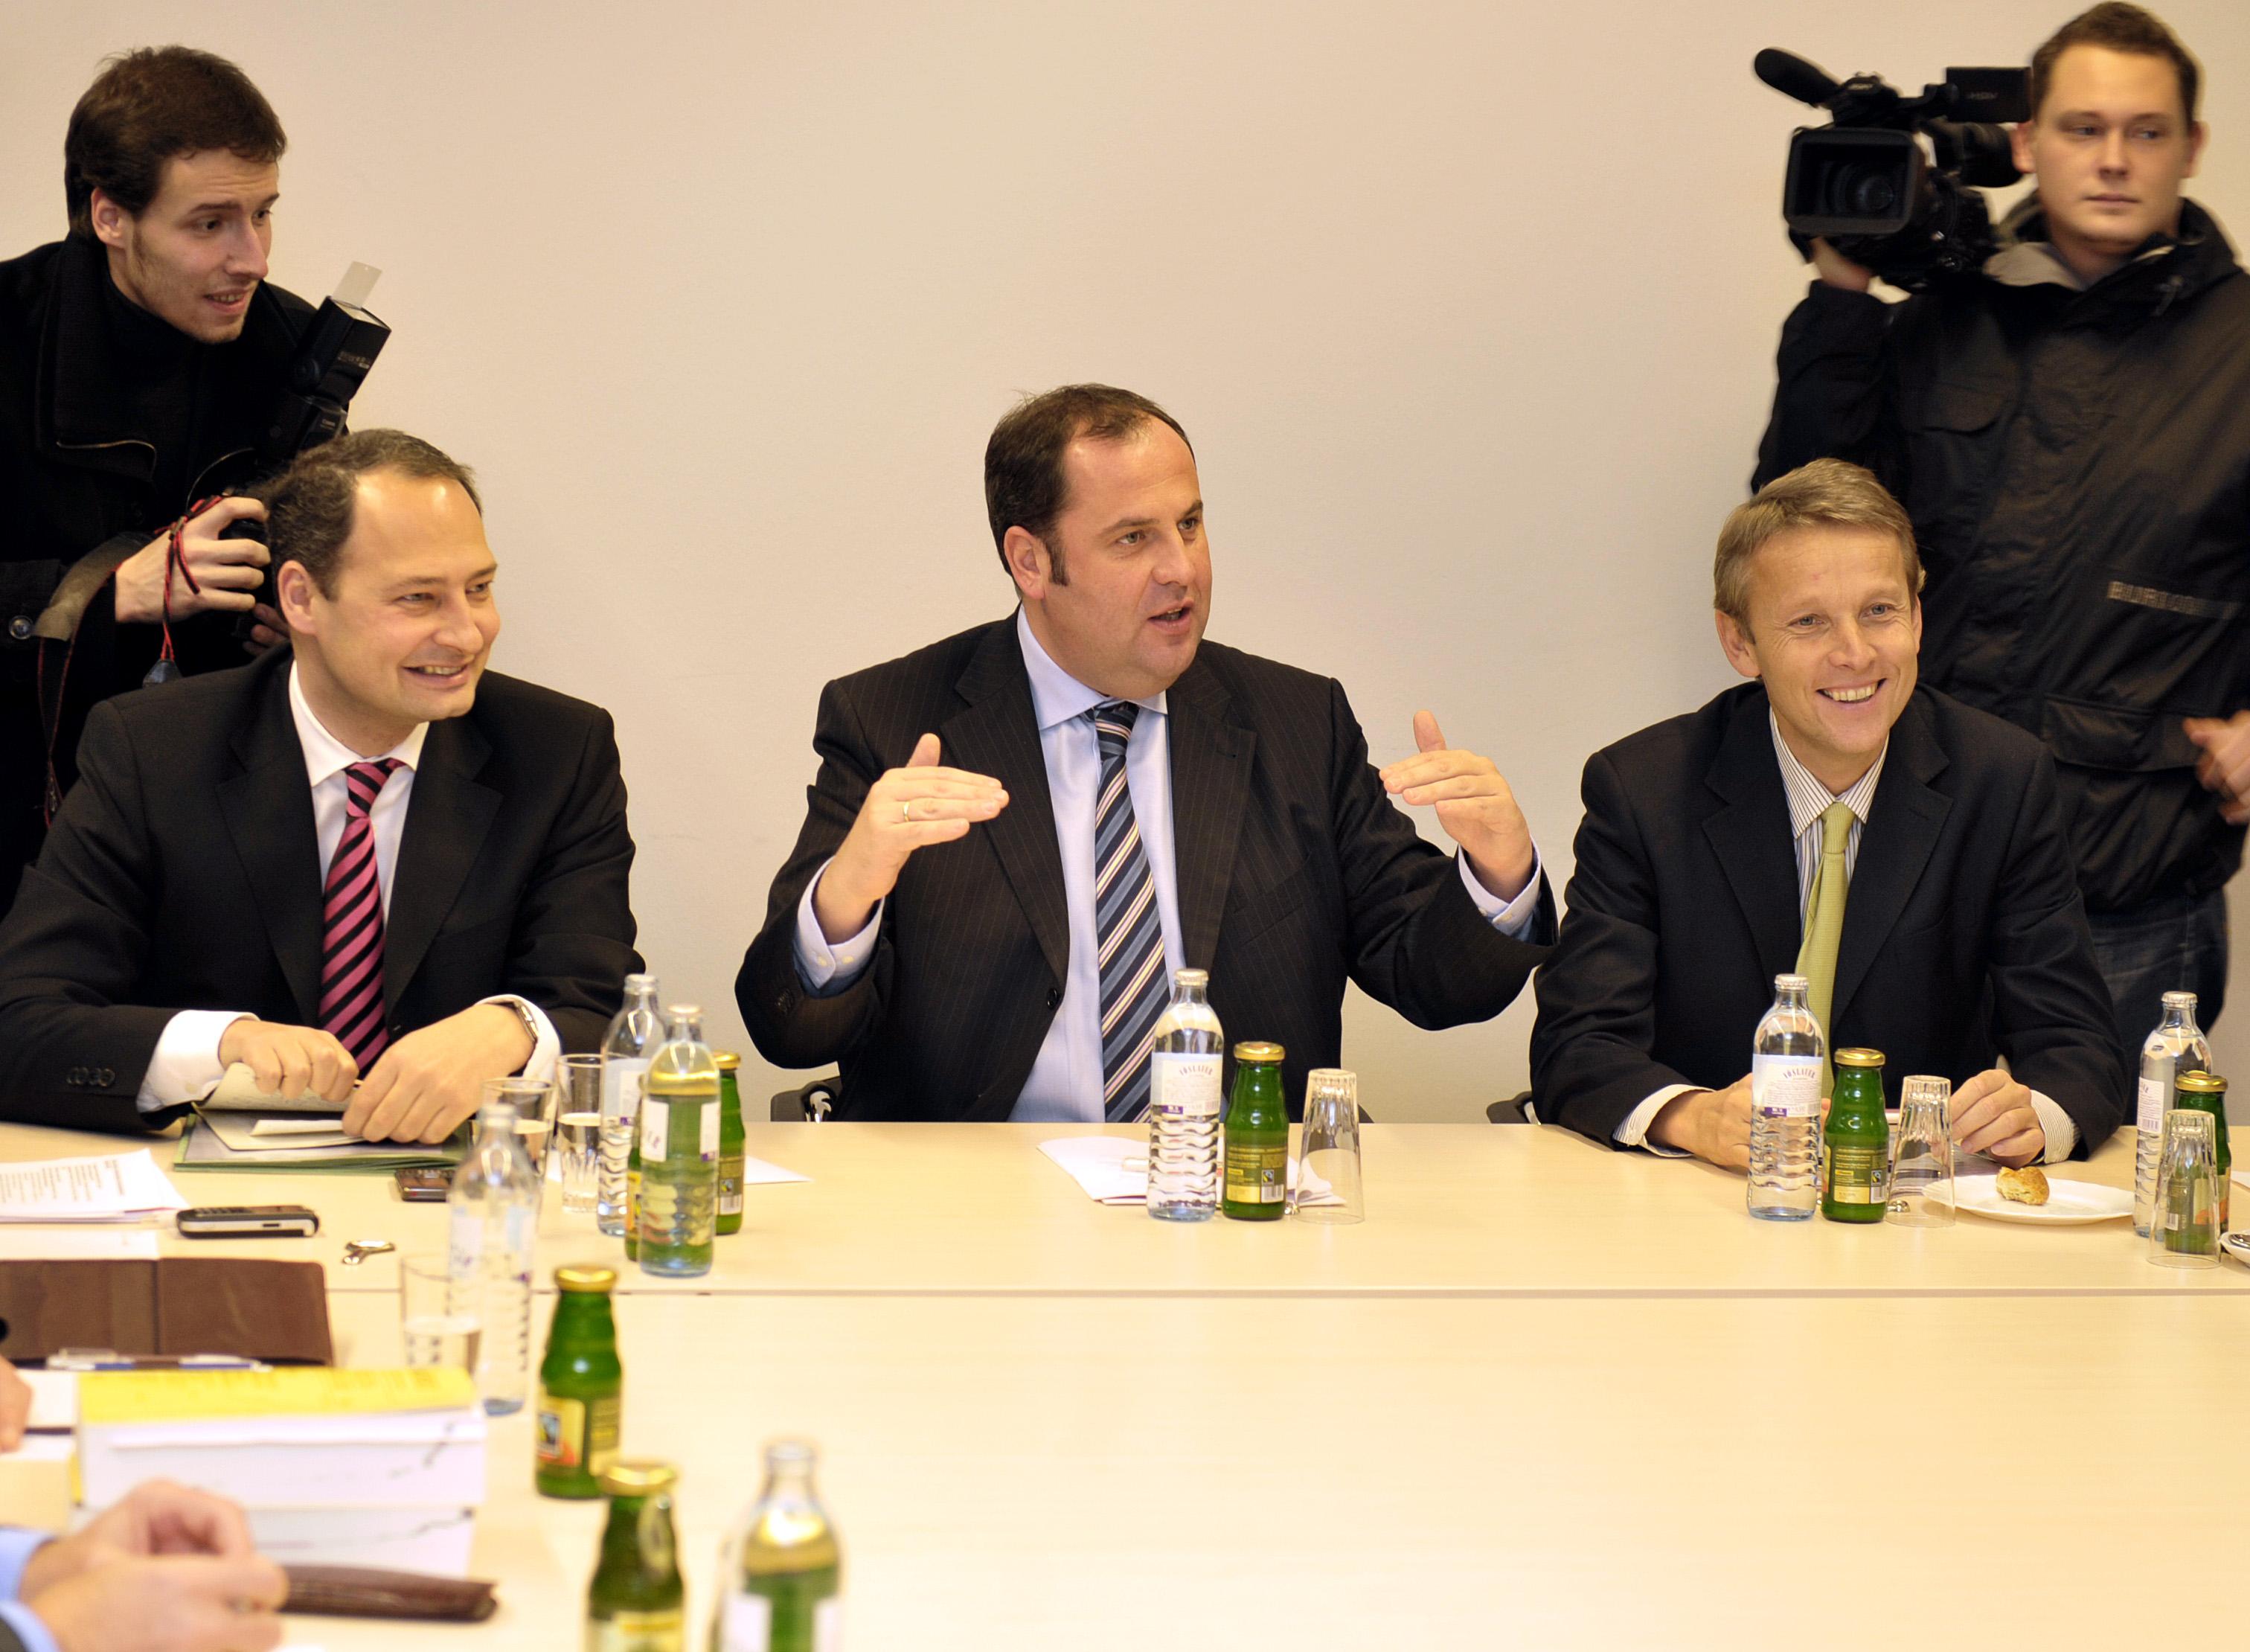 Gute Erfolge beim Spendengipfel: BM Josef Pröll und die Staatssekretäre Reinhold Lopatka und Andreas Schieder (C) BMF